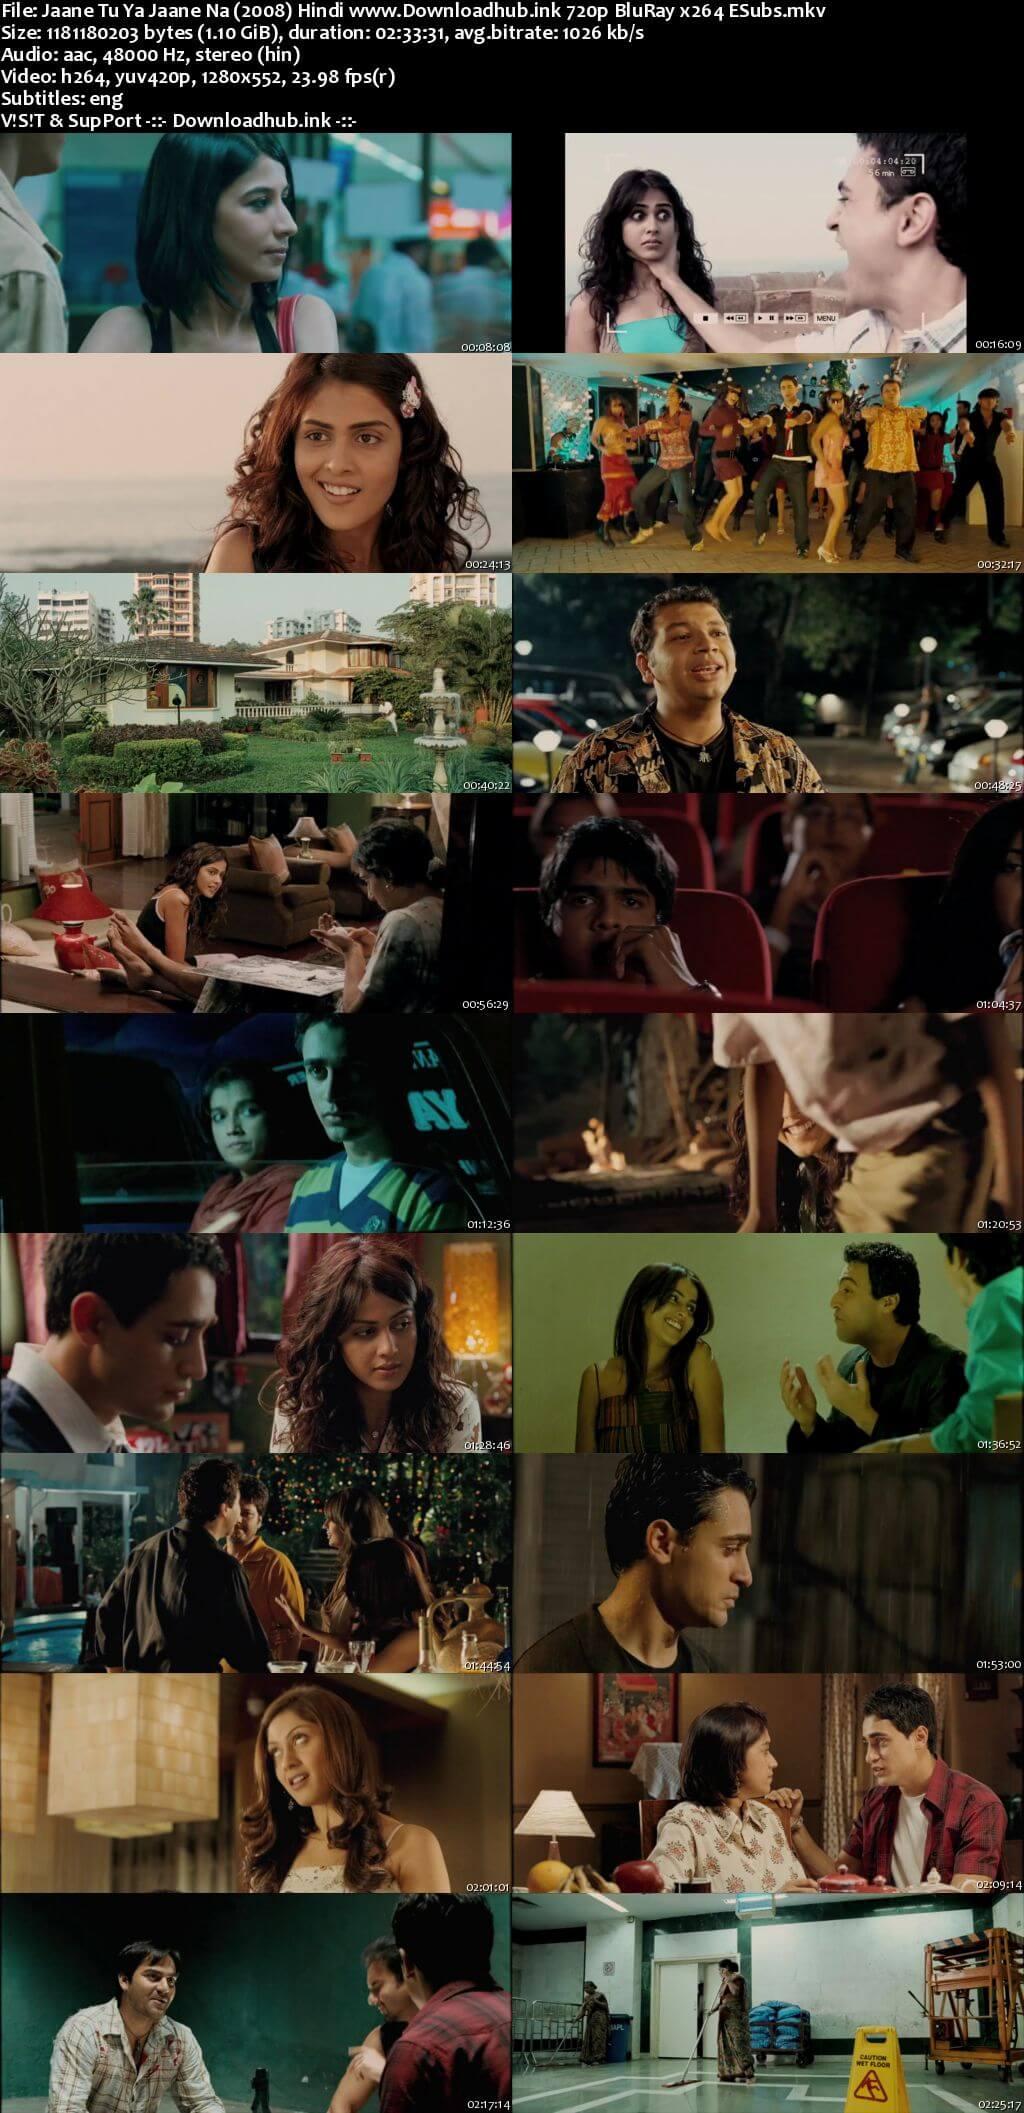 Jaane Tu Ya Jaane Na 2008 Hindi 720p BluRay ESubs